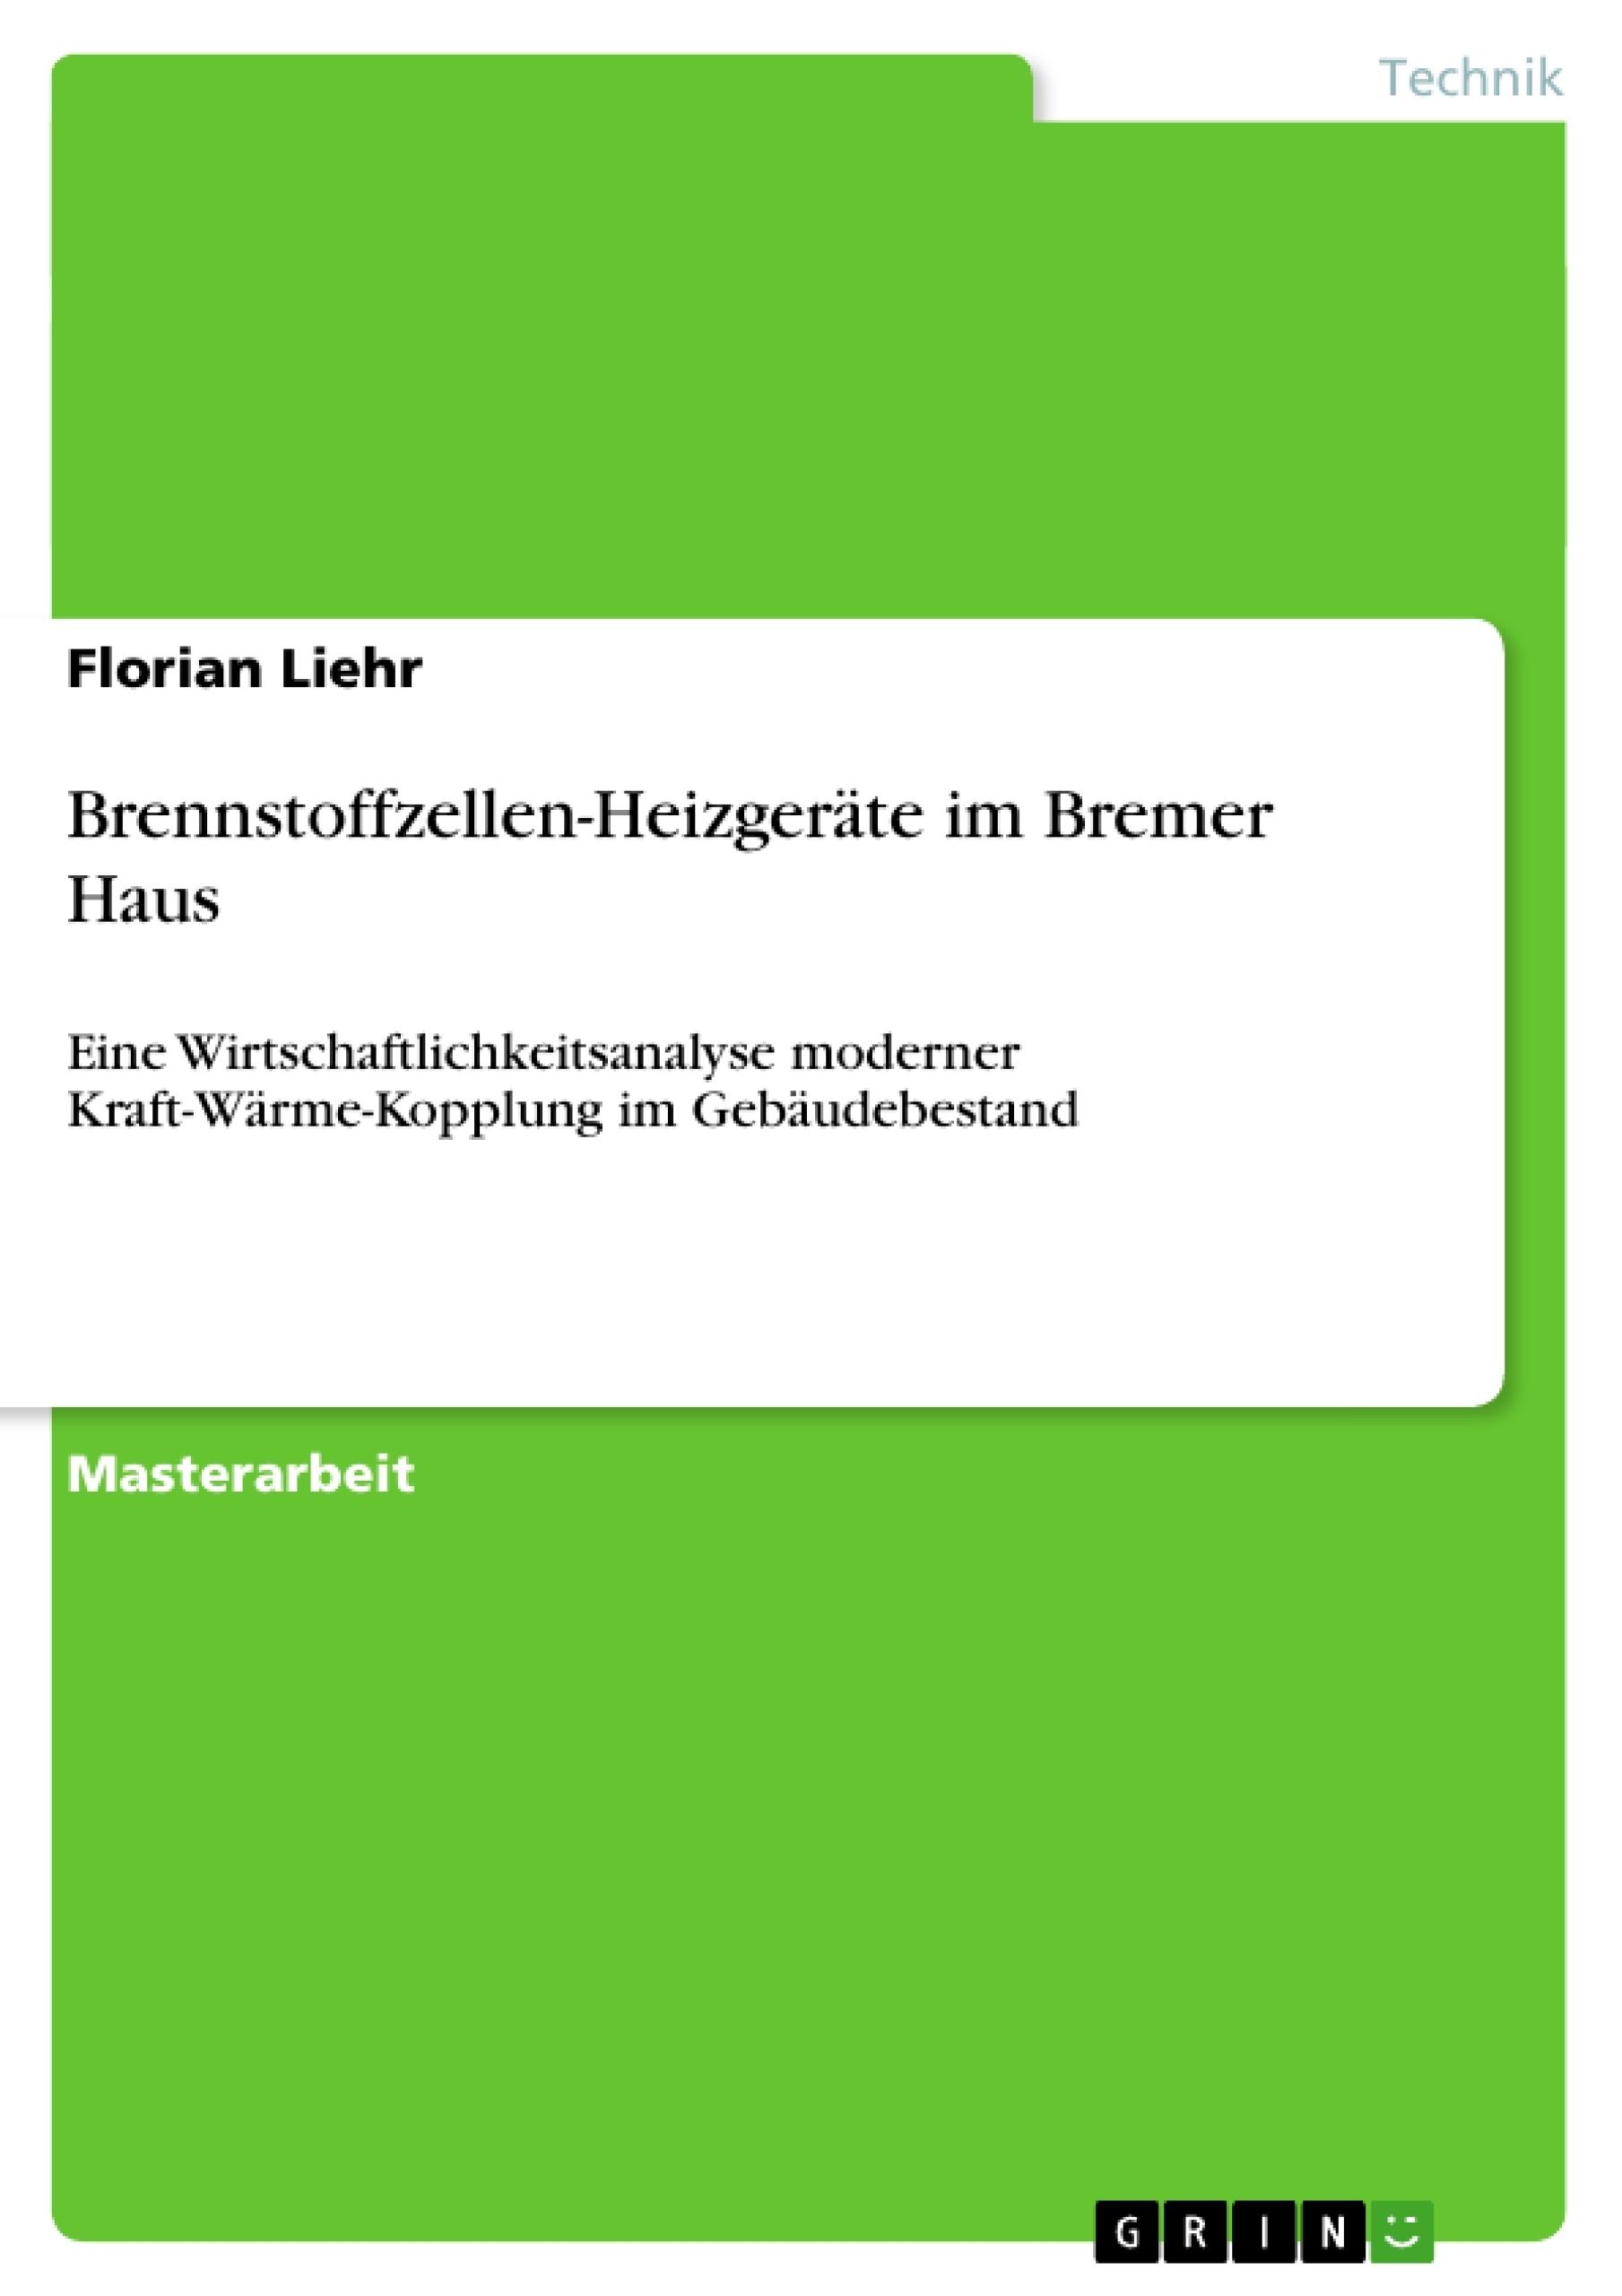 Titel: Brennstoffzellen-Heizgeräte im Bremer Haus